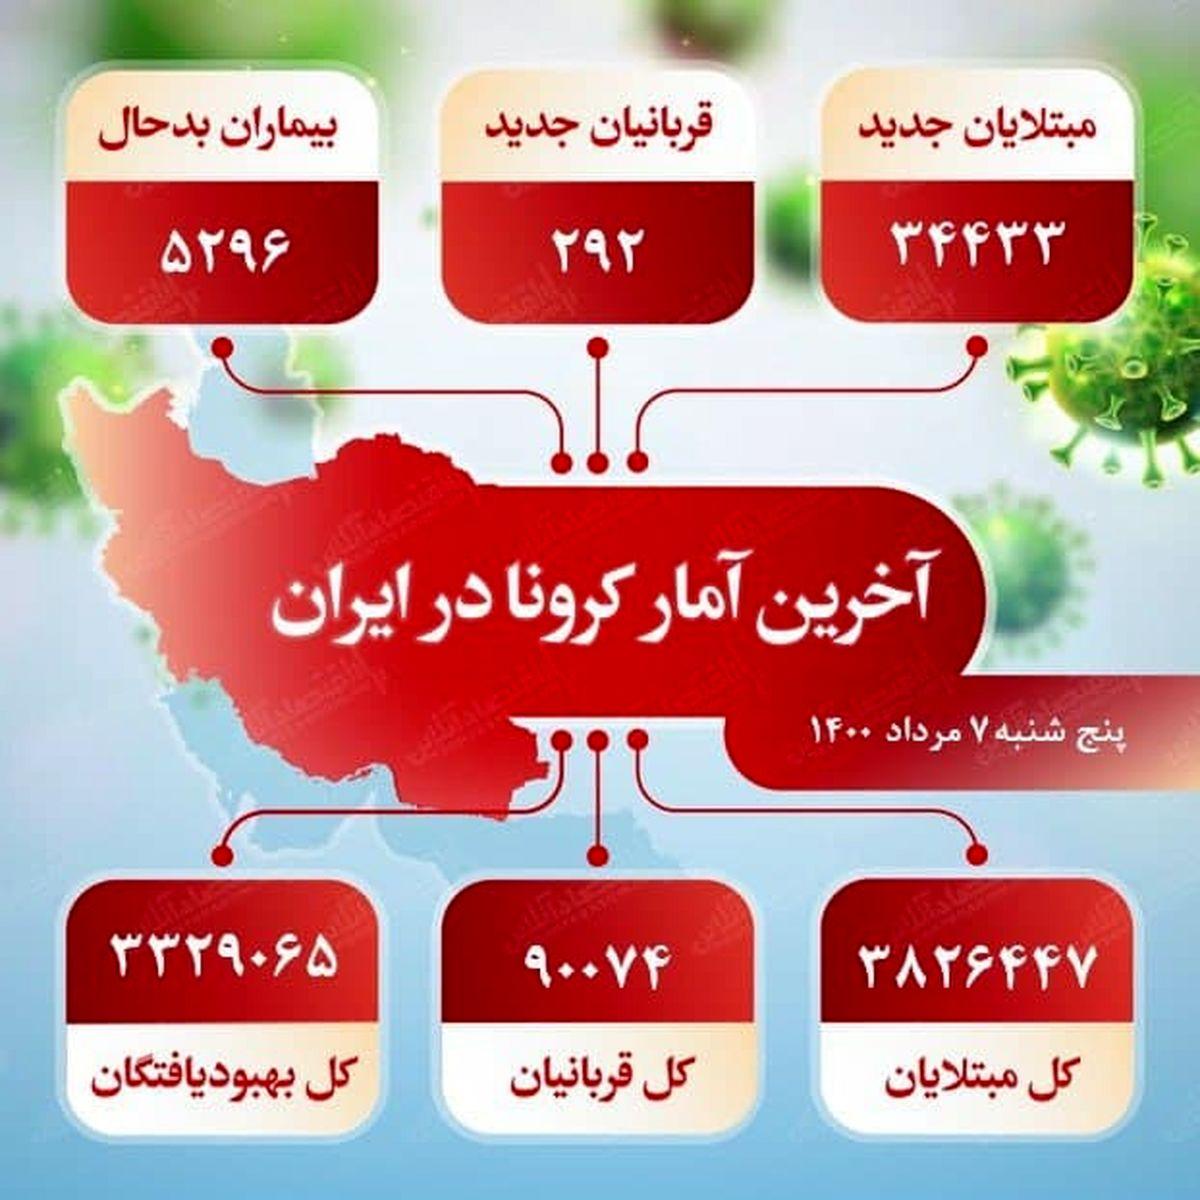 آخرین آمار کرونا در ایران (۱۴۰۰/۵/۷)